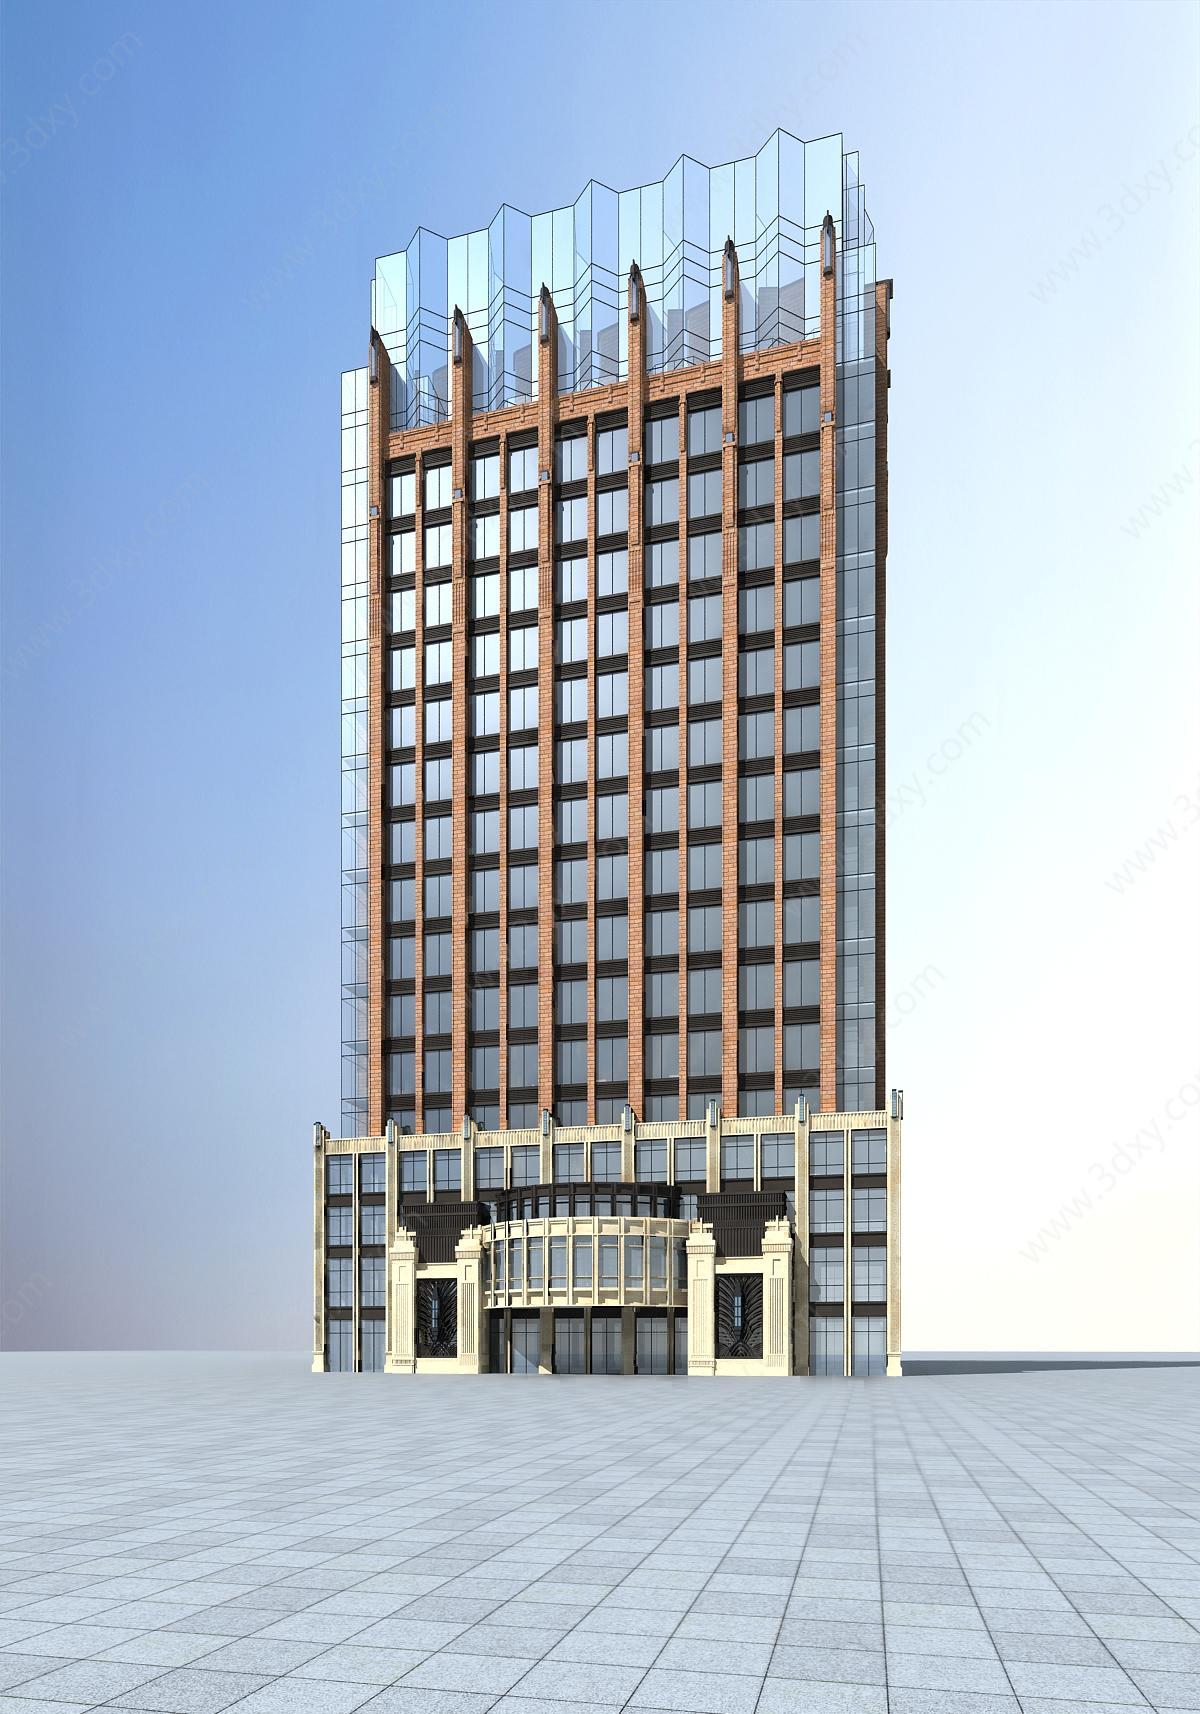 户外建筑3d模型 建筑3d模型 现代高层酒店3d模型